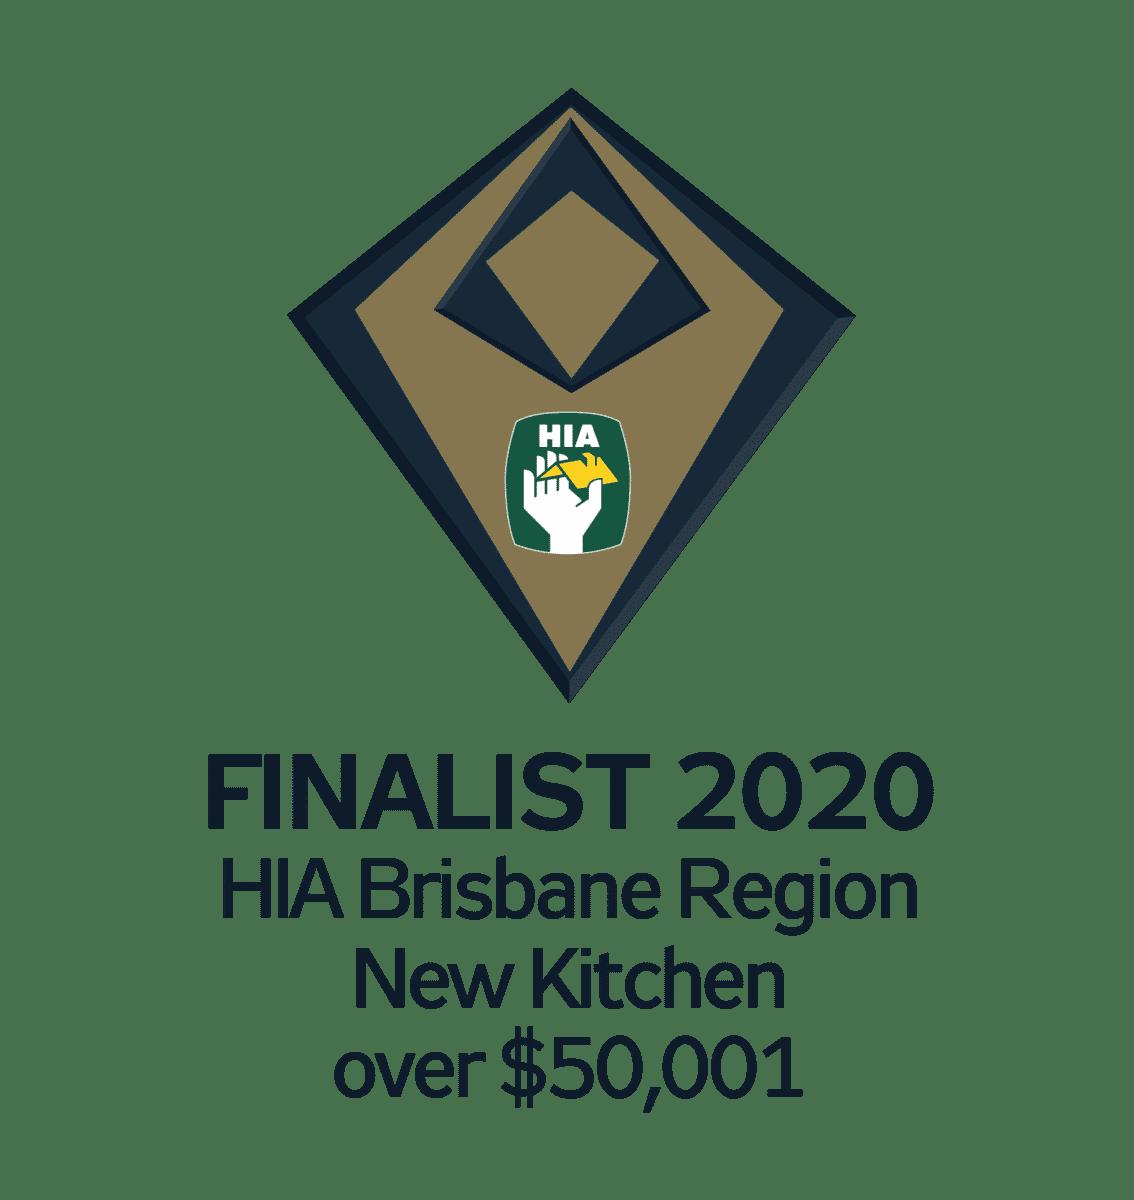 Finalist 2020 Brisbane New Kitchen